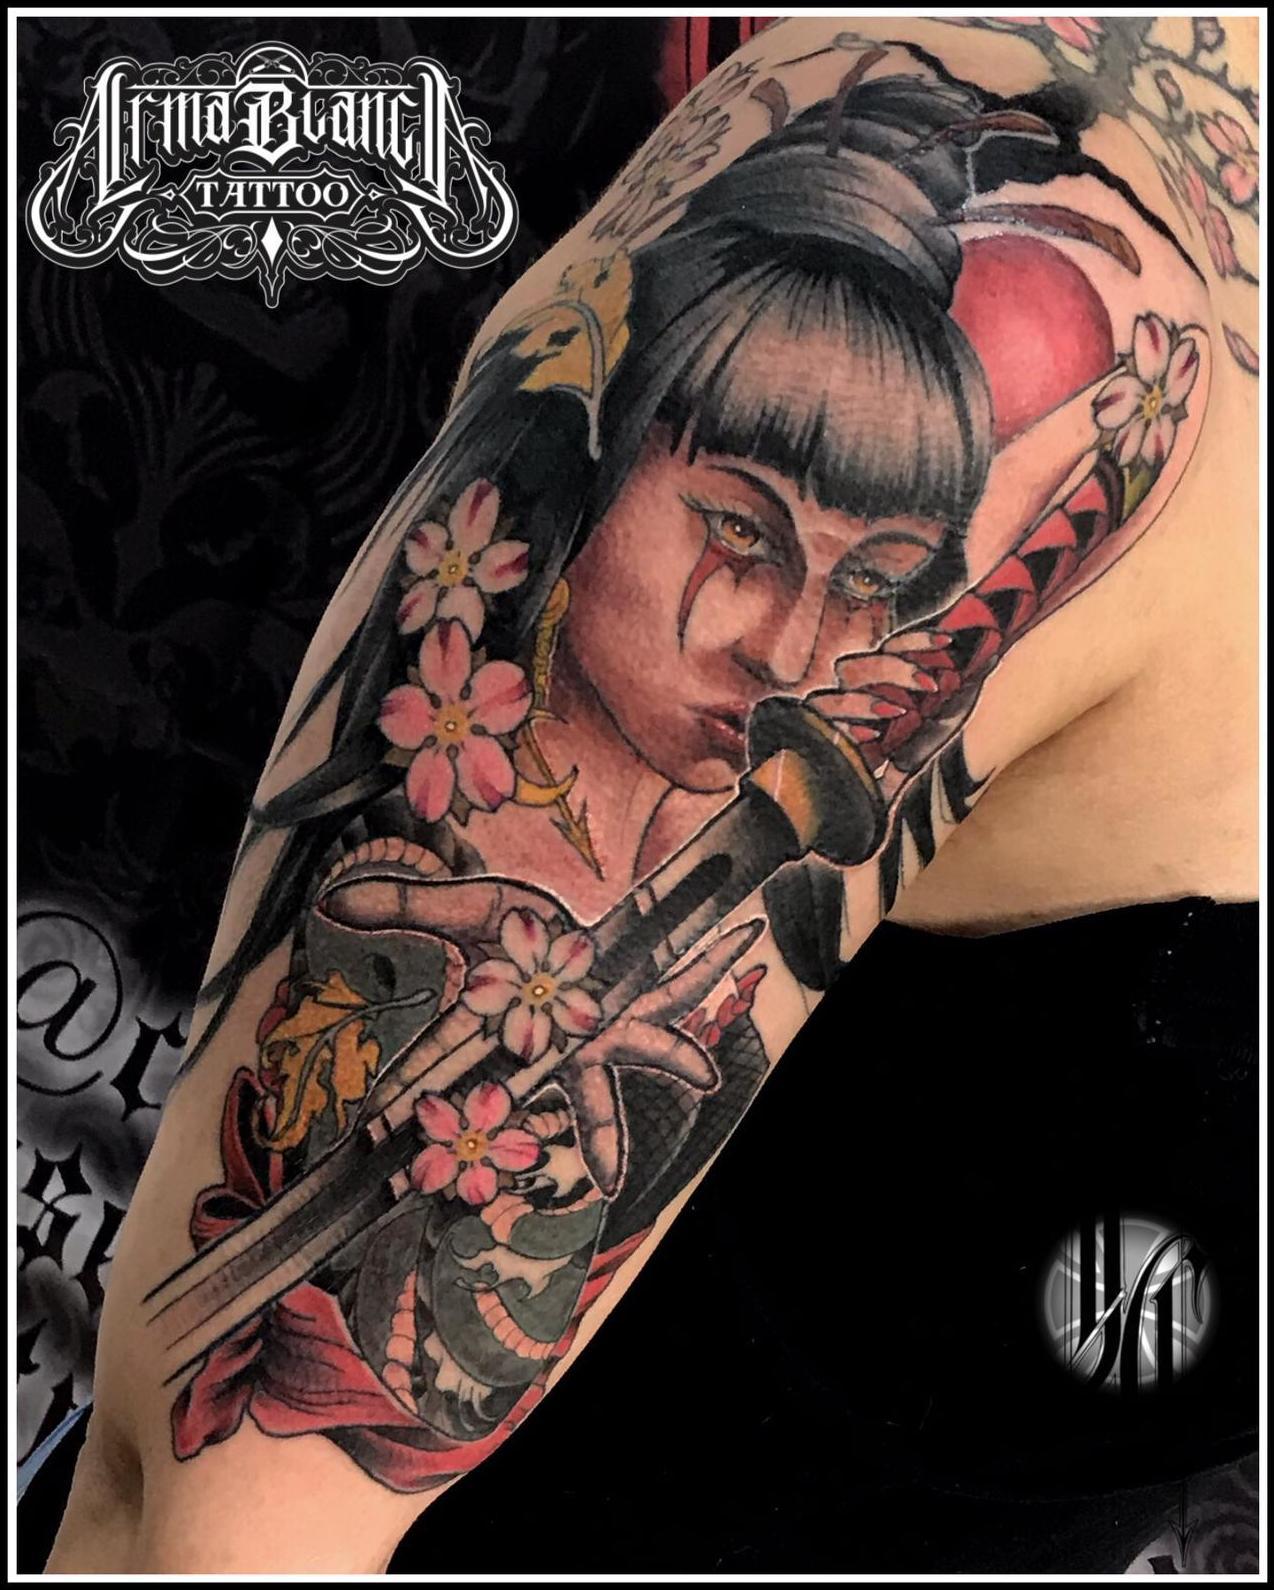 Guerrera color tattoo